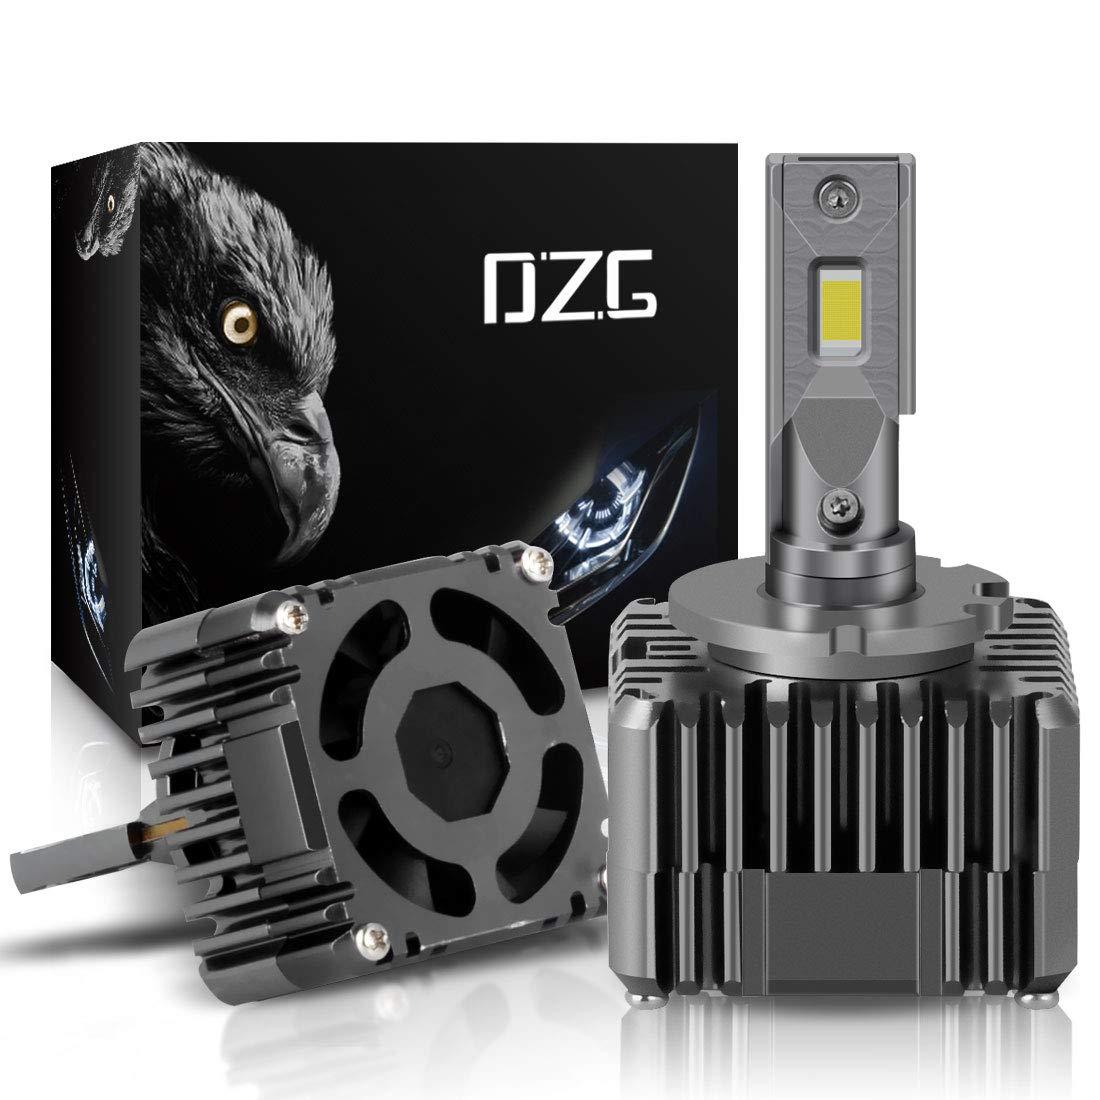 2 Lampen D3S HID Kit Scheinwerfer-Umr/üstsatz Birne f/ür Entladungslampe 100W 6000K 11000Lm Super Hell Xtreme Wei/ß 12V Auto Licht 2 Jahre Garantie DZG D1S Xenon